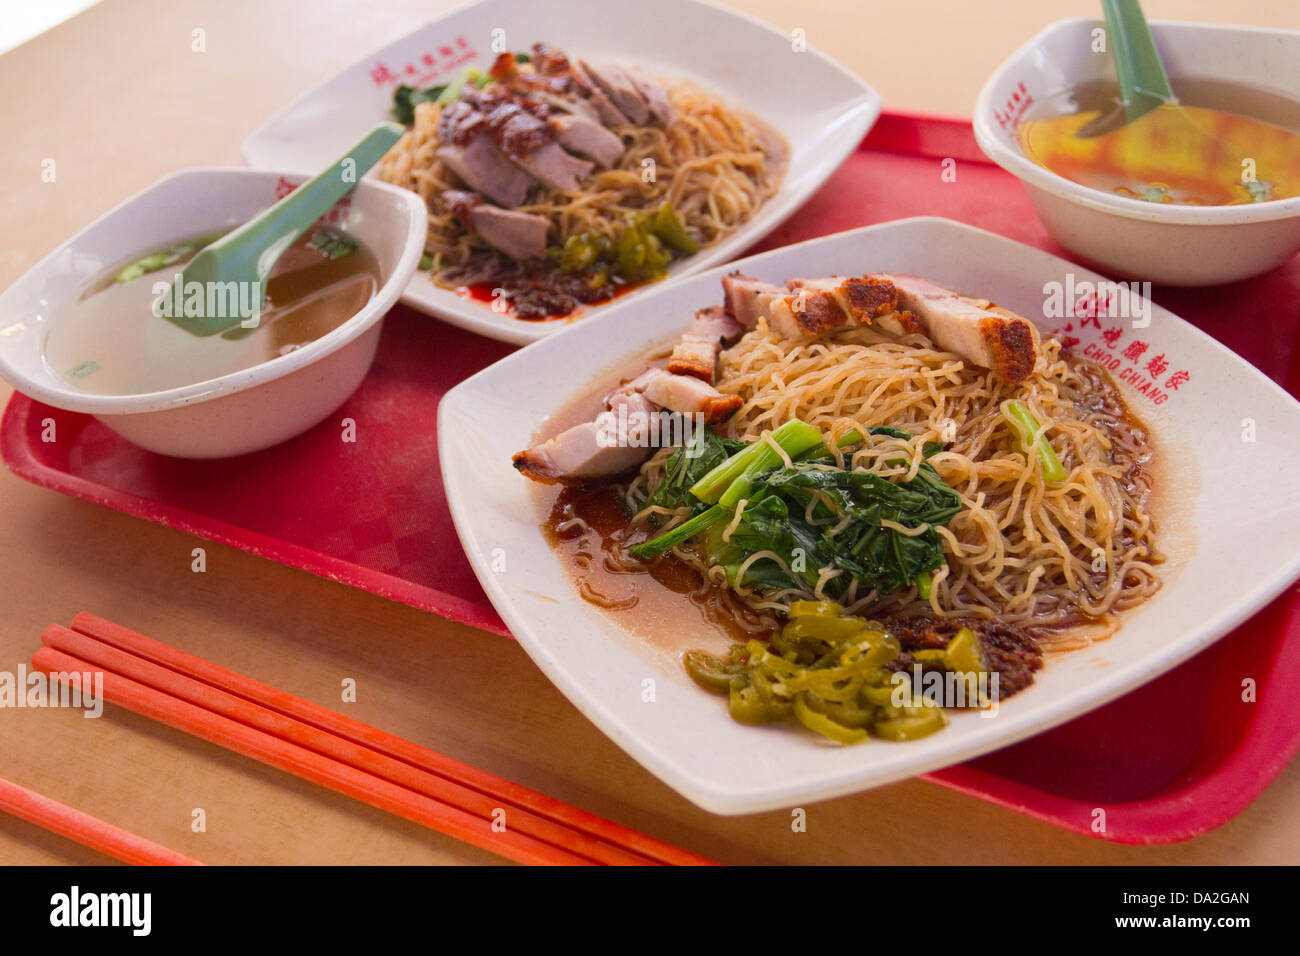 Zwei Platten aus chinesisches Essen, eine gebratene Ente mit Nudeln, die andere mit knusprigen Schweinebauch, Bugis, Stockbild